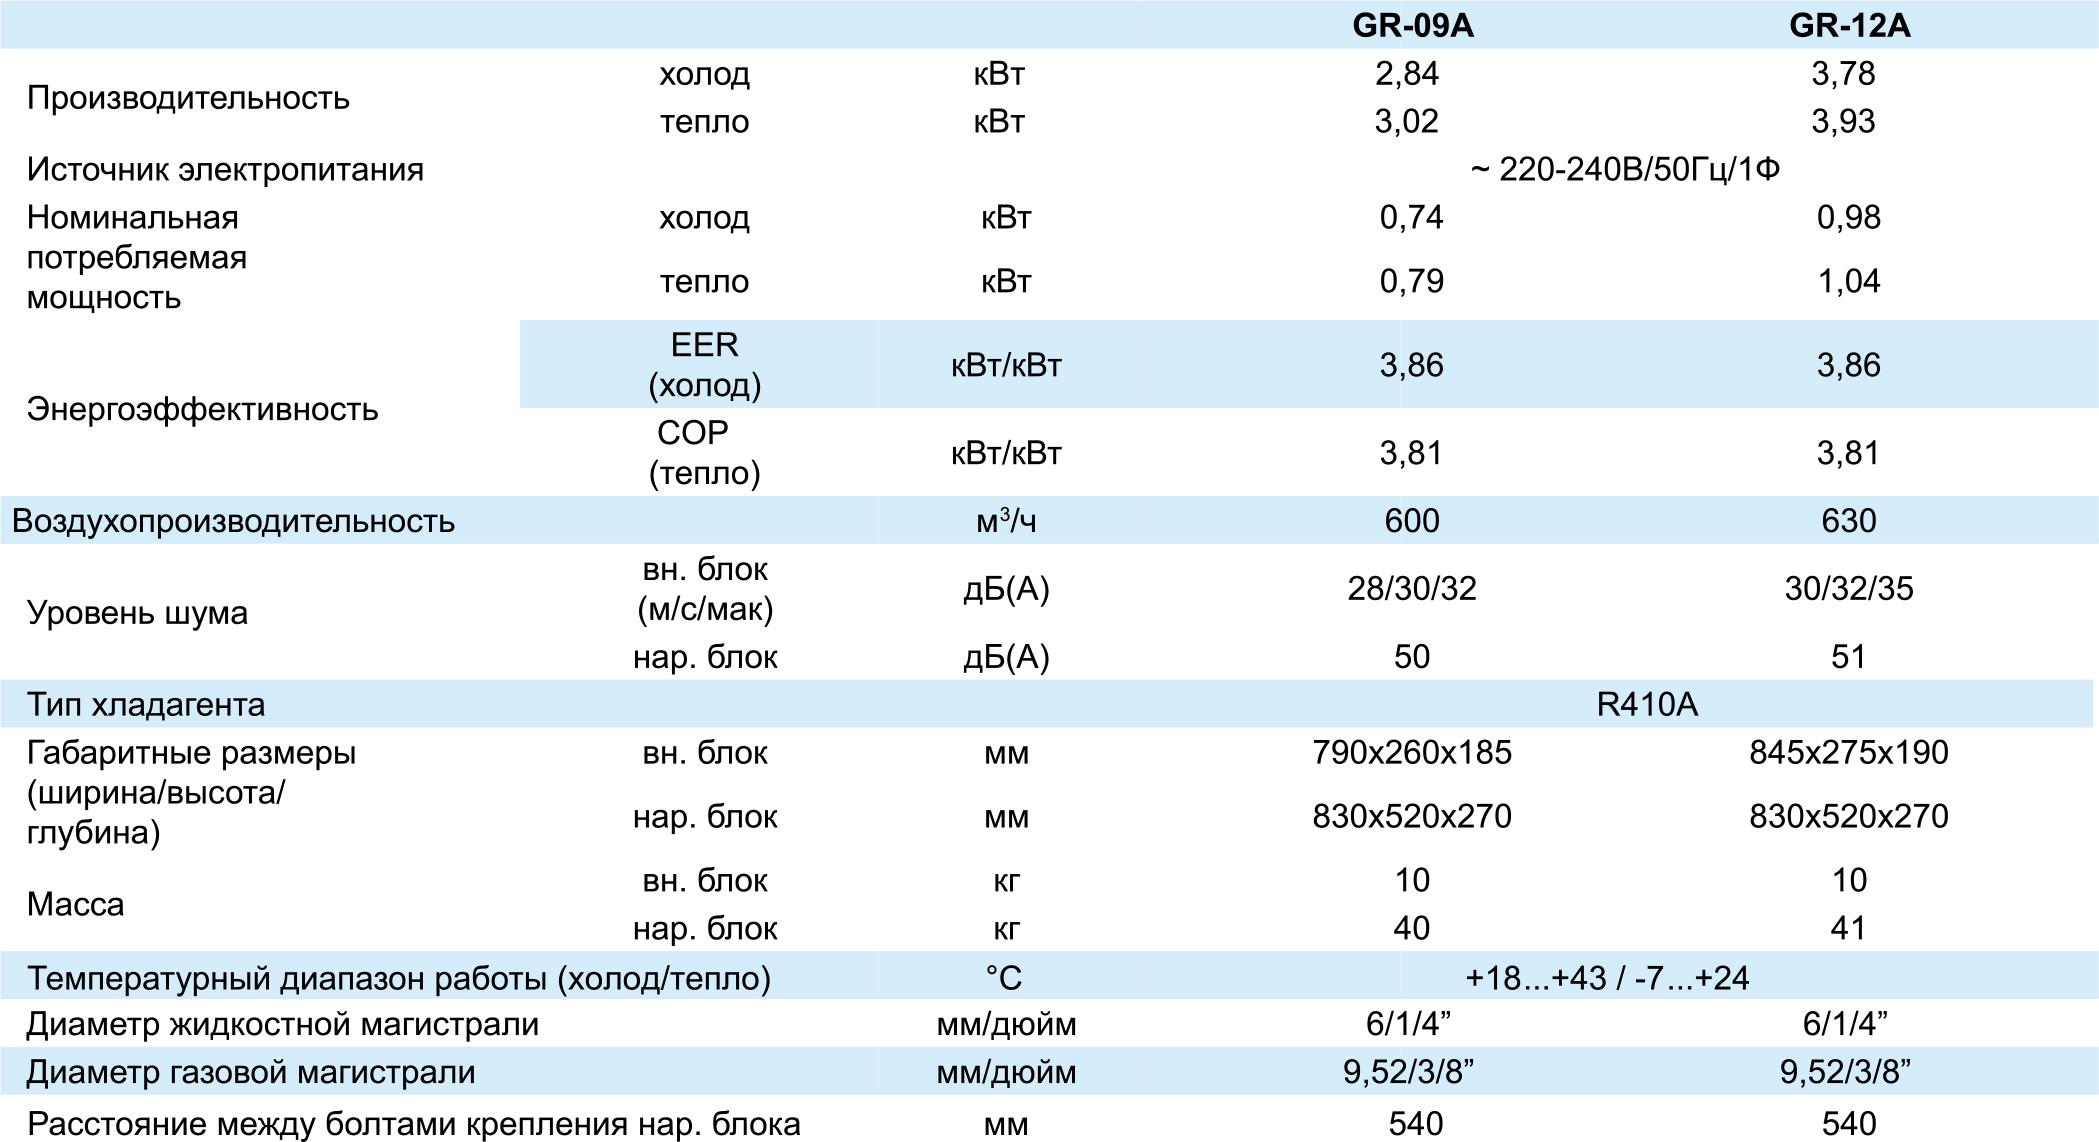 Технические характеристики кондиционера Tosot GR-09A серии VIOLA